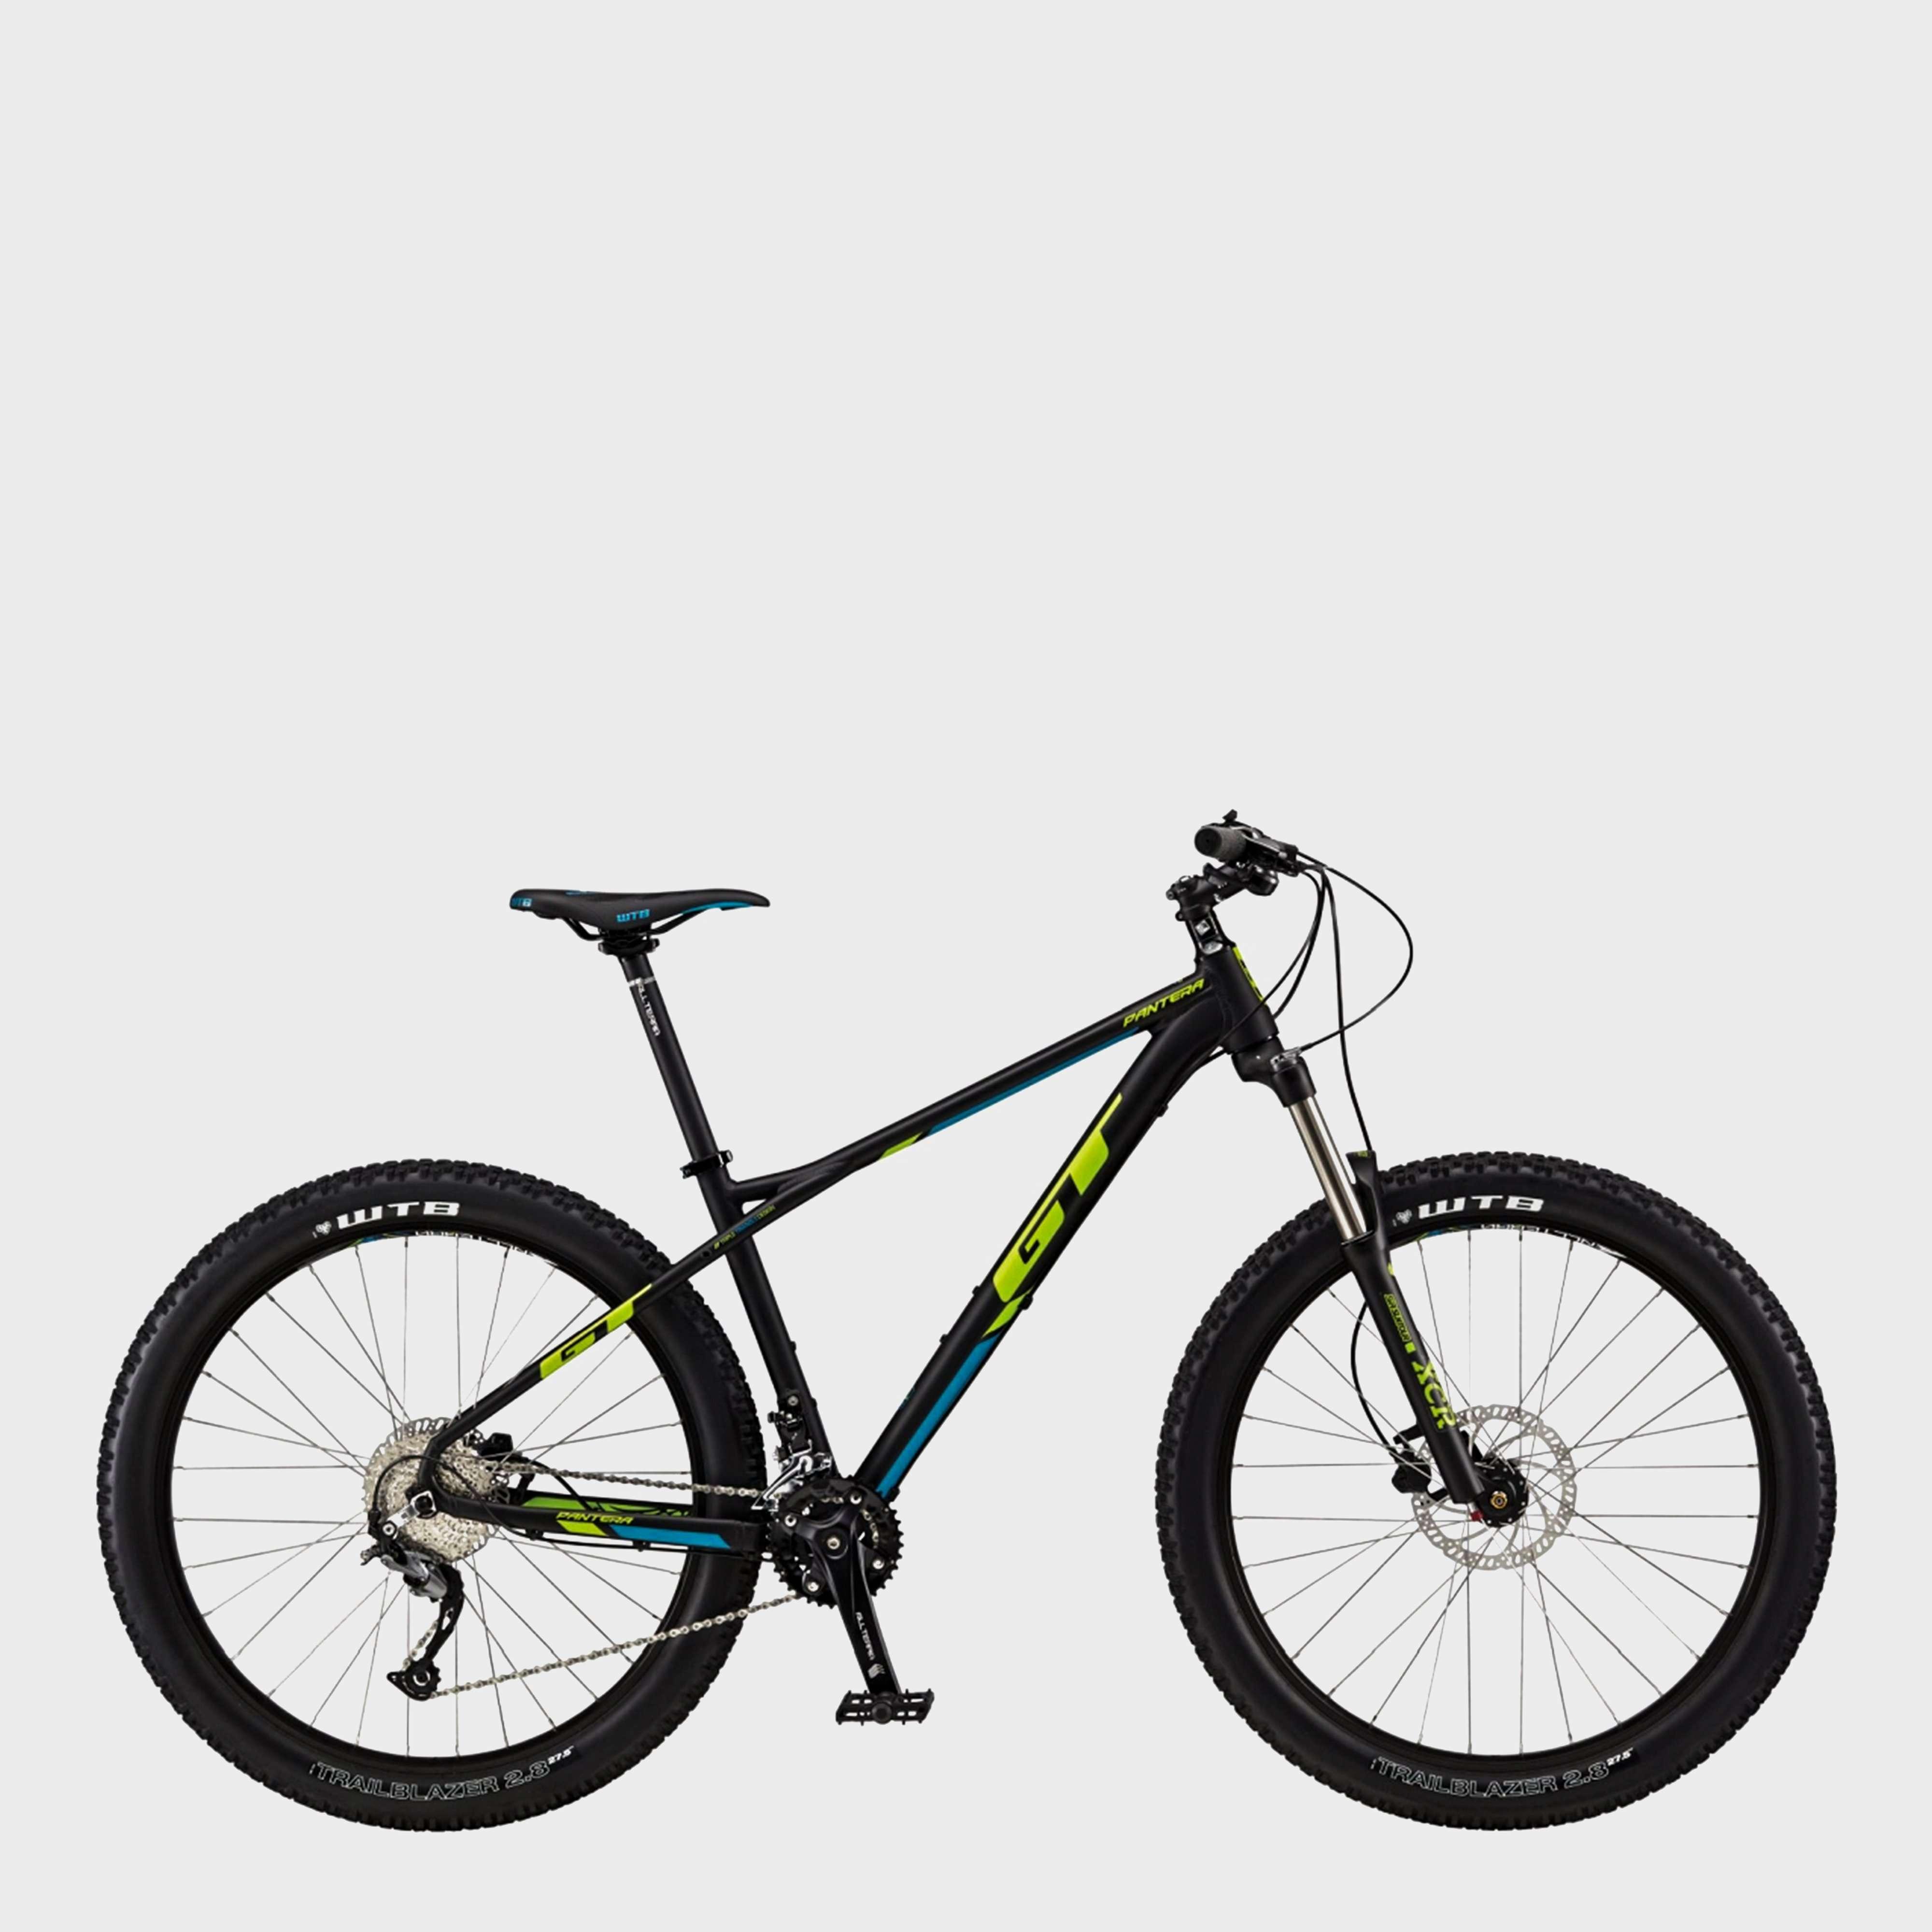 GT Pantera Comp Mountain Bike